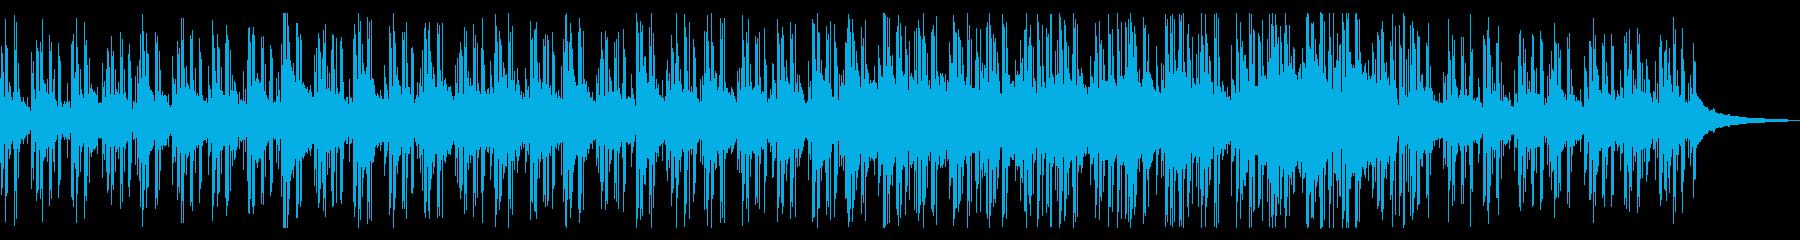 お洒落で幻想的なメロディーの再生済みの波形